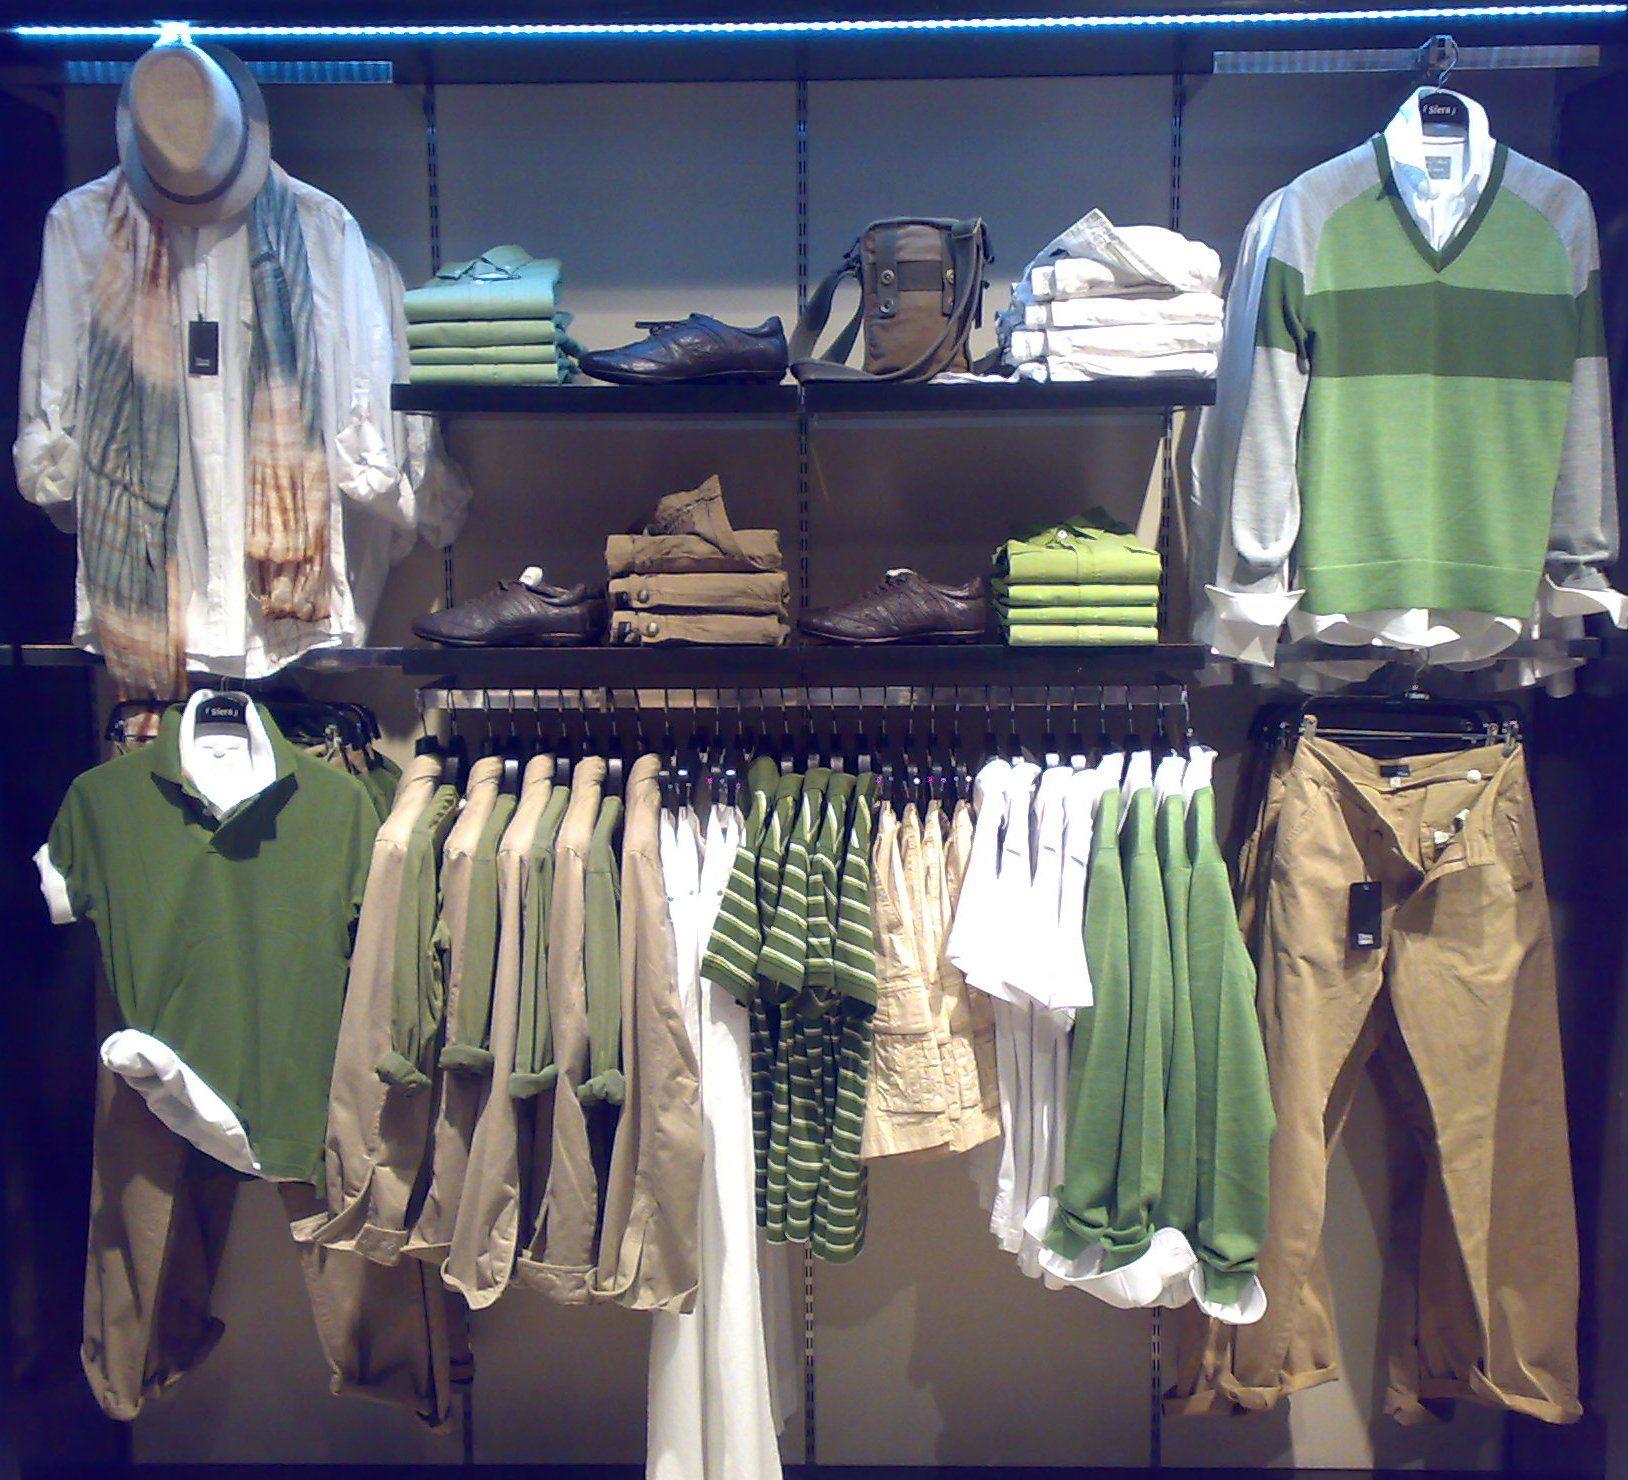 самом развеска рубашек в магазине одежды фото подобном